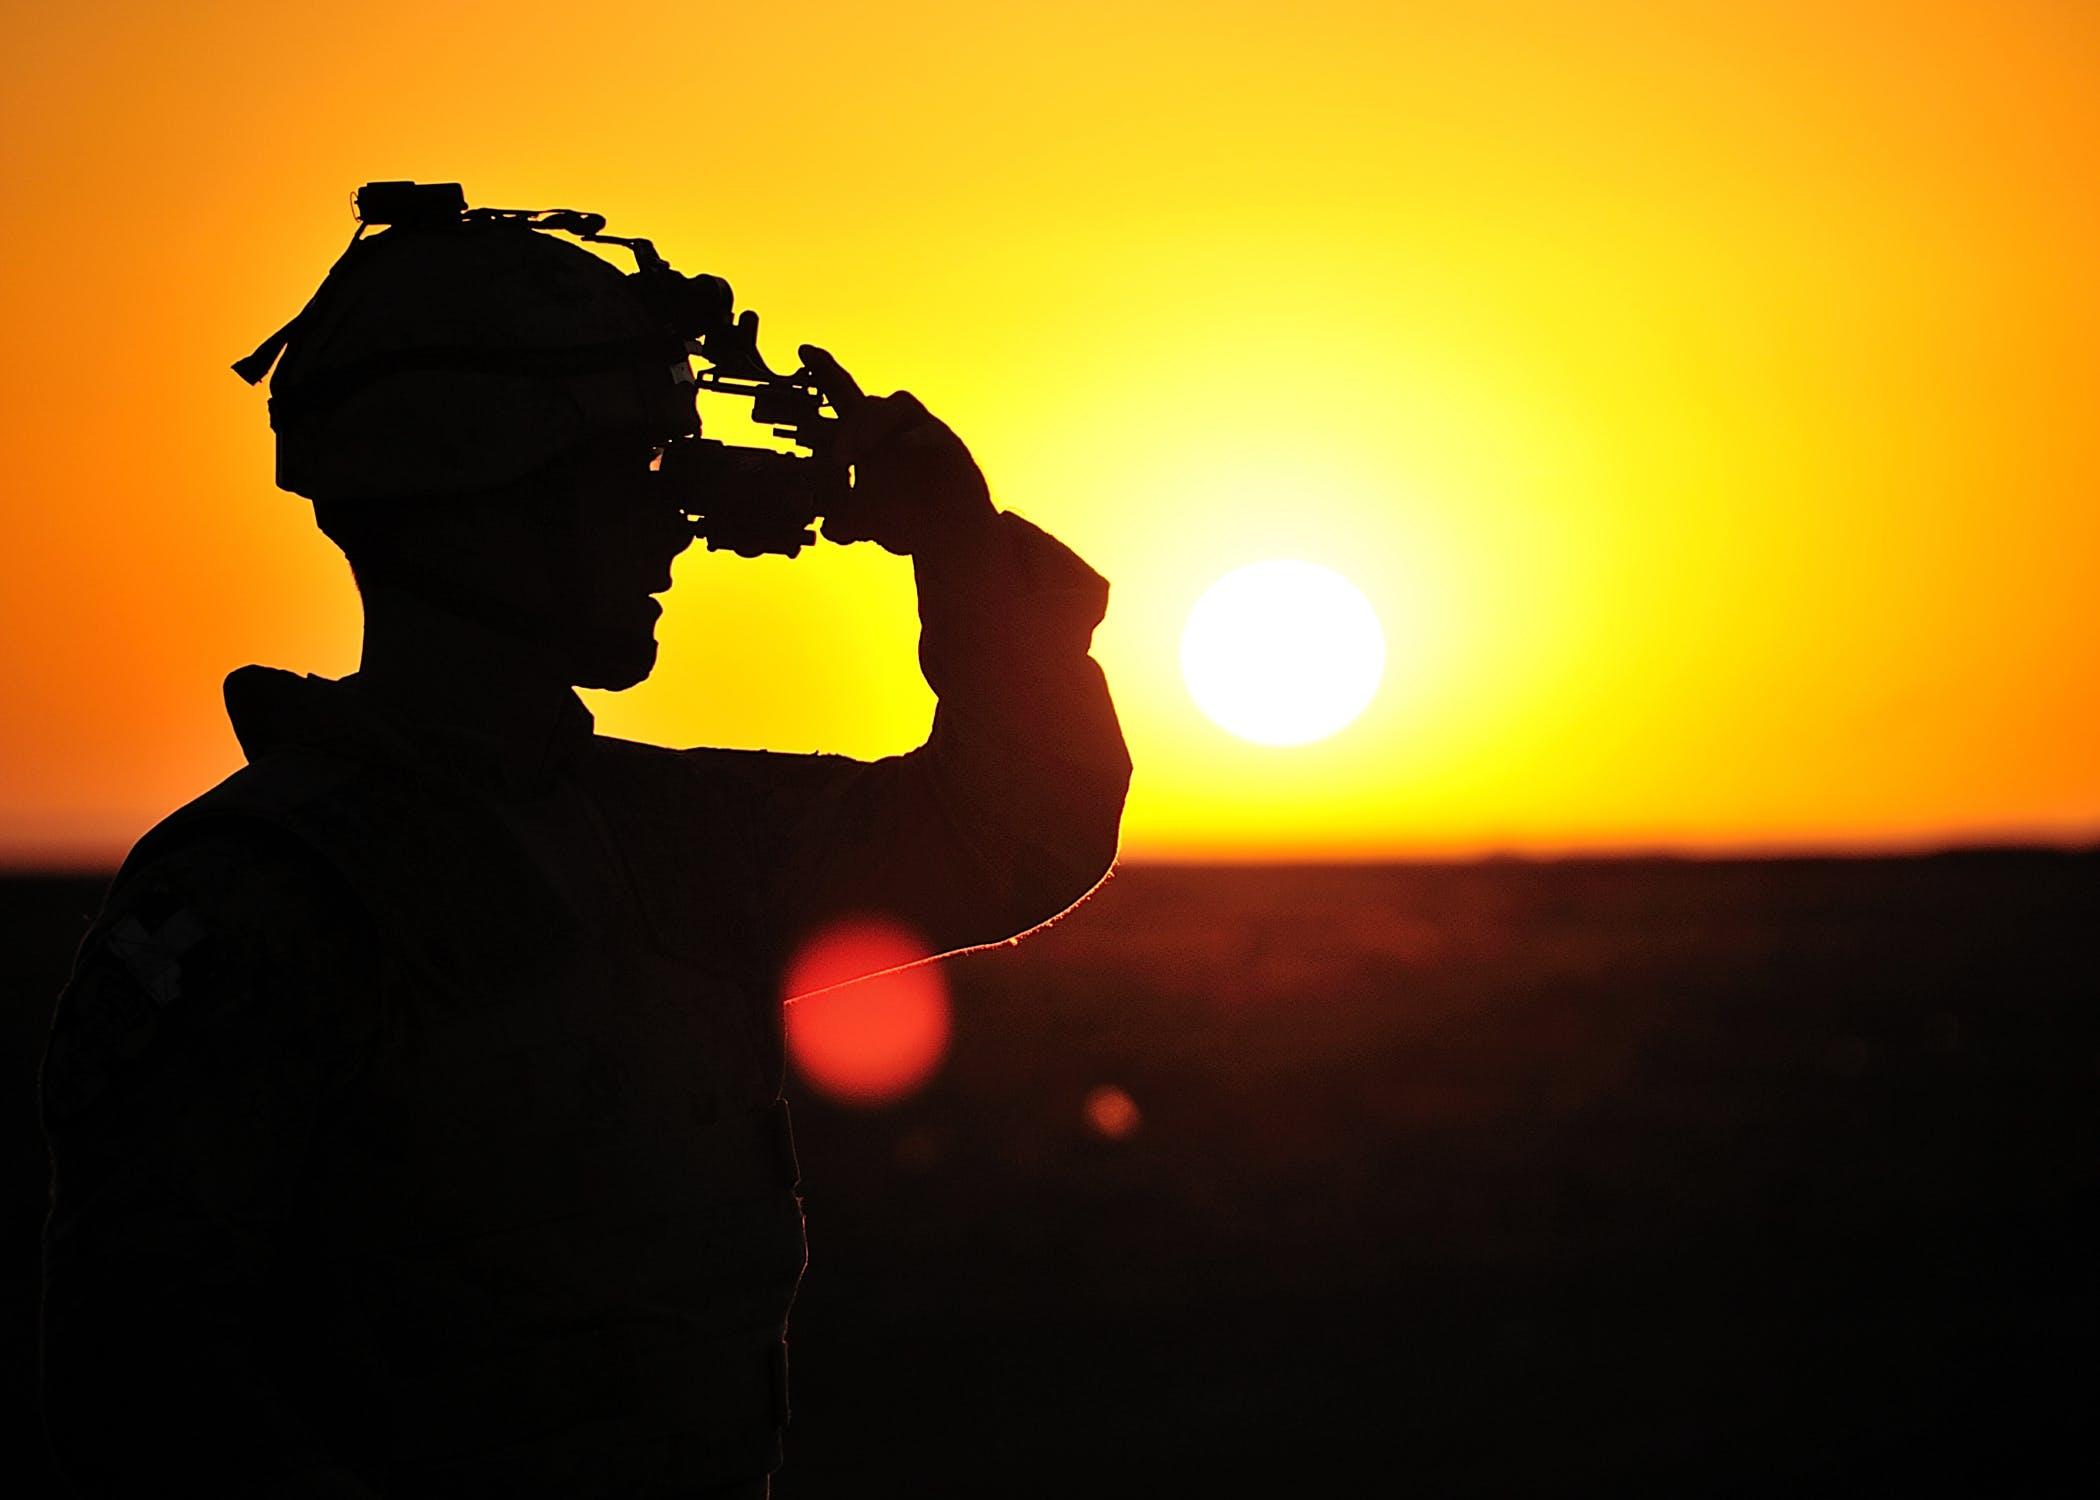 Un membre de la Compagnie de protection de la Force opérationnelle de transition de la mission ajuste ses lunettes de vision nocturne en vue d'un exercice de tir réel nocturne le 14 octobre 2011 à Kandahar, en Afghanistan. Photo du MDN